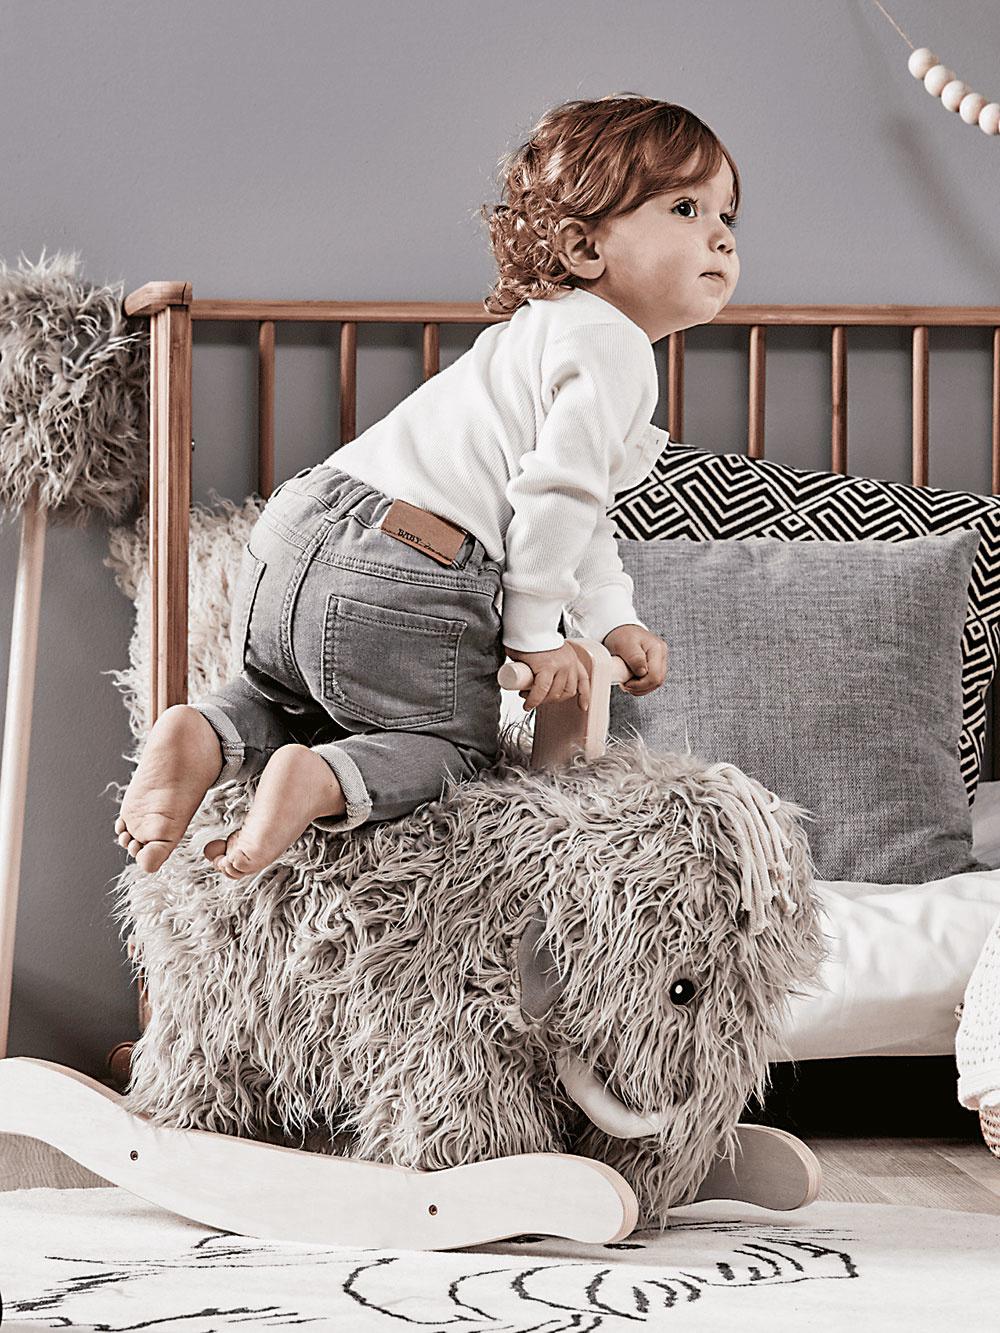 Chlpatý mamut od značky Kids Concept, drevo, polyester, 37 × 61 × 38 cm, pre deti od 18 mesiacov, 135,83 €, www.themodernnursery.com